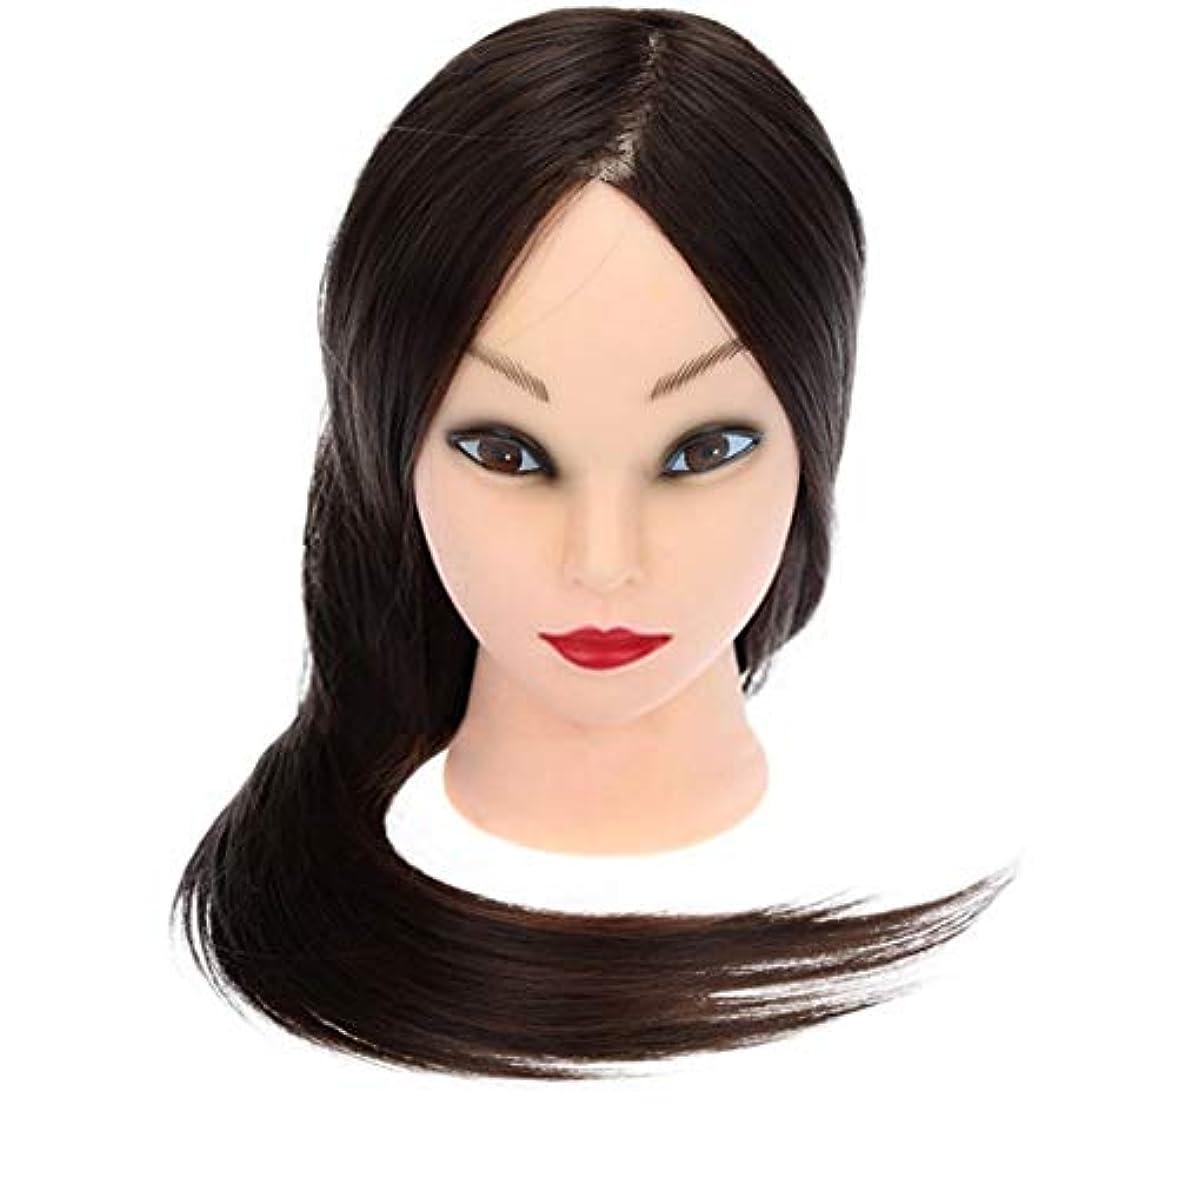 人間テンポレンジ練習ディスク髪編組ヘアモデル理髪店スクールティーチングヘッドロングかつら美容マネキンヘッド